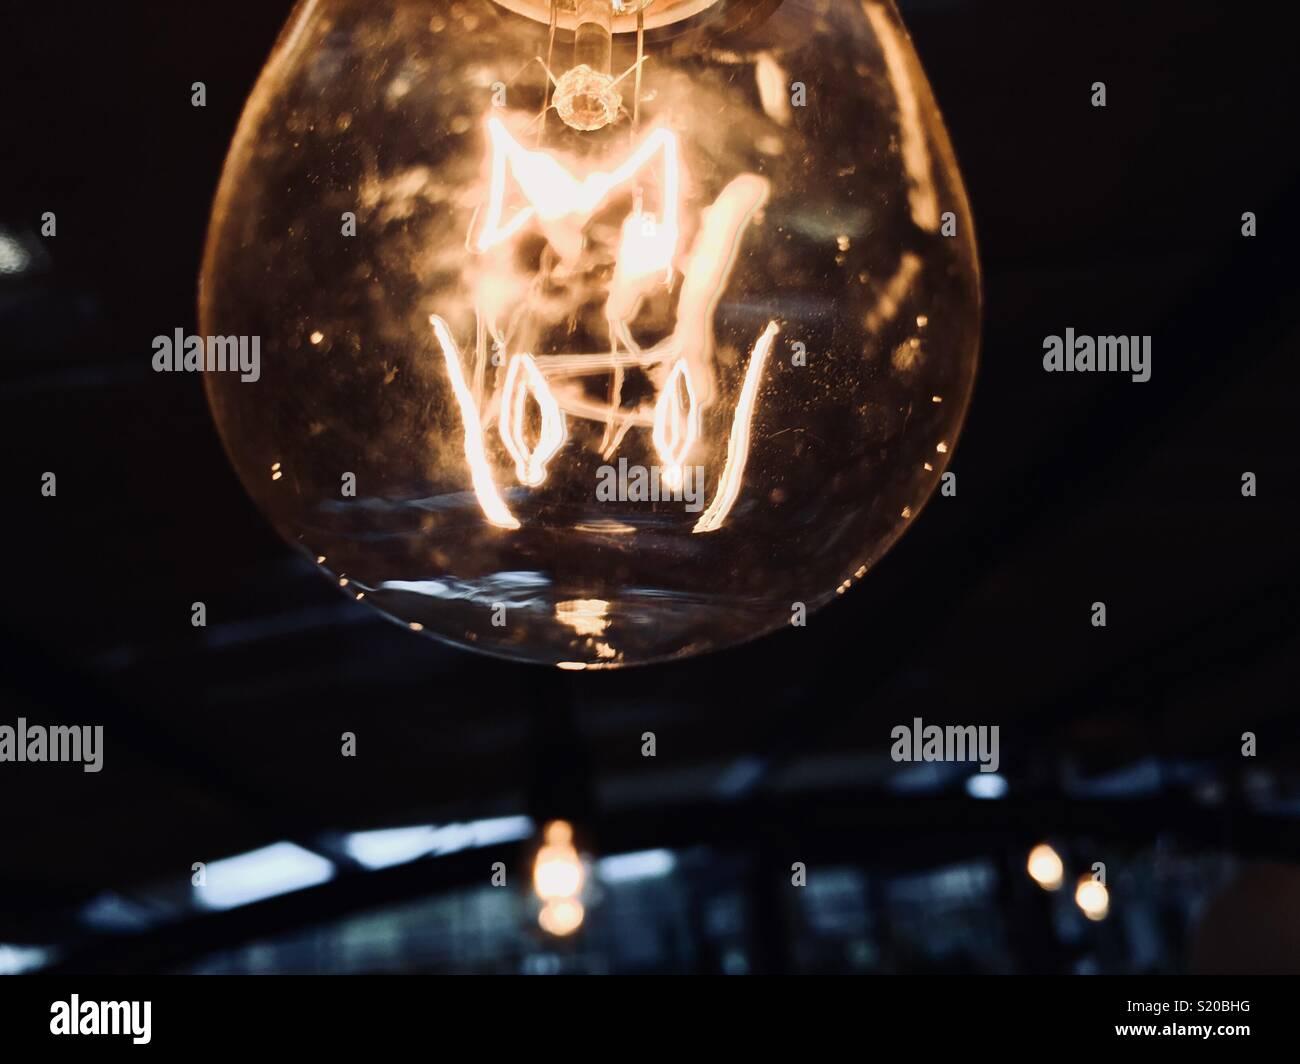 Hanging light closeup - Stock Image